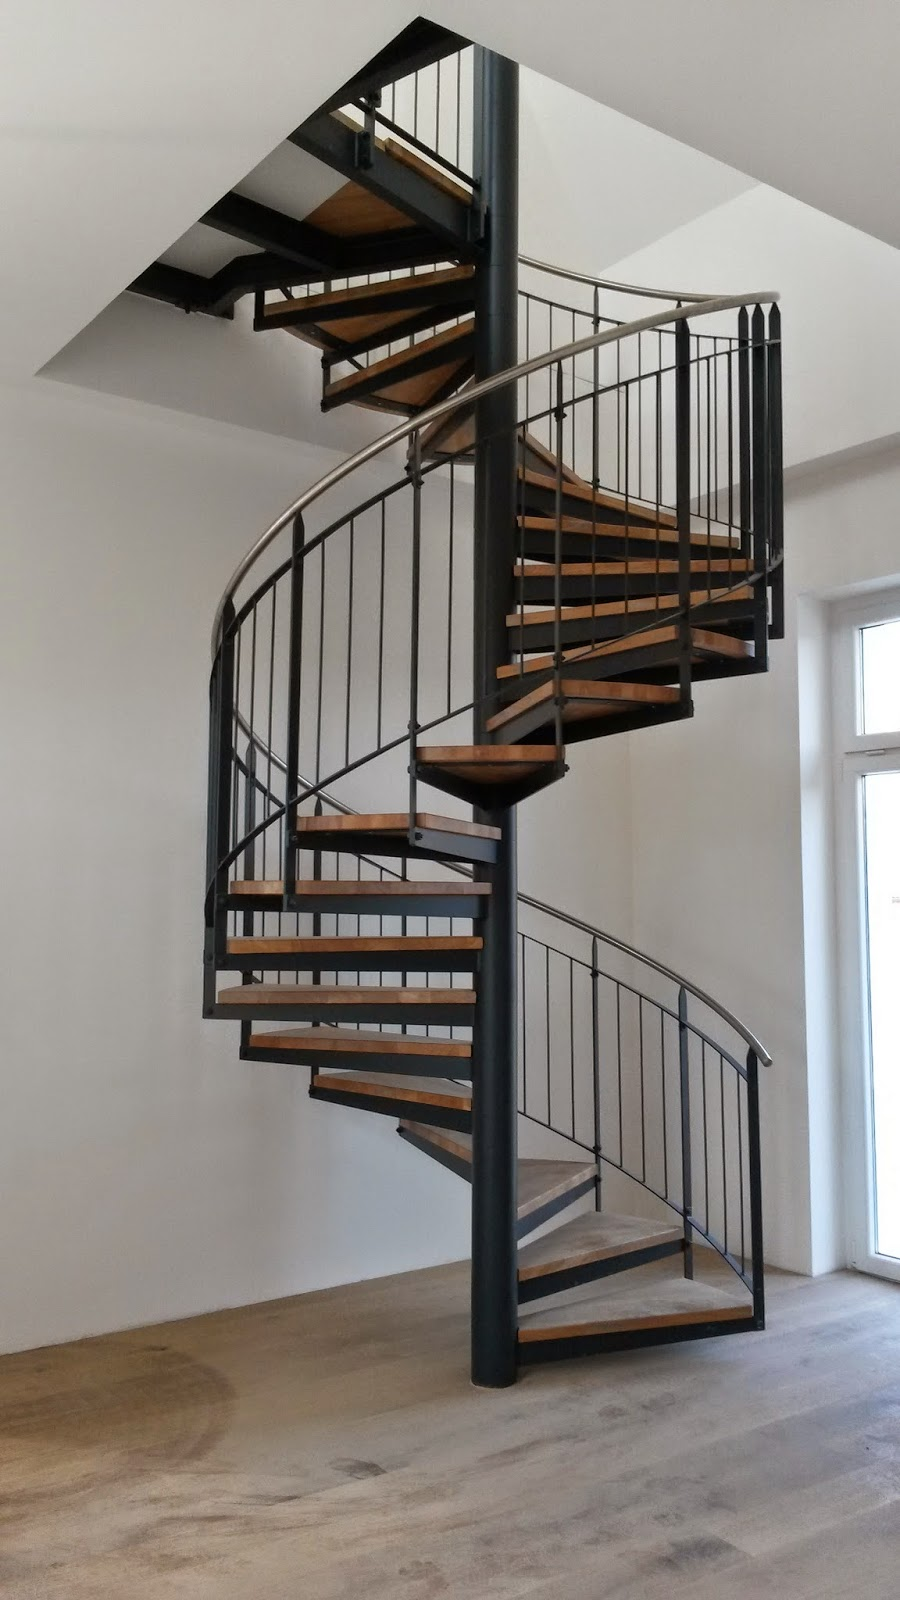 fr bel metallbau treppen gel nder gitter in wesseling. Black Bedroom Furniture Sets. Home Design Ideas